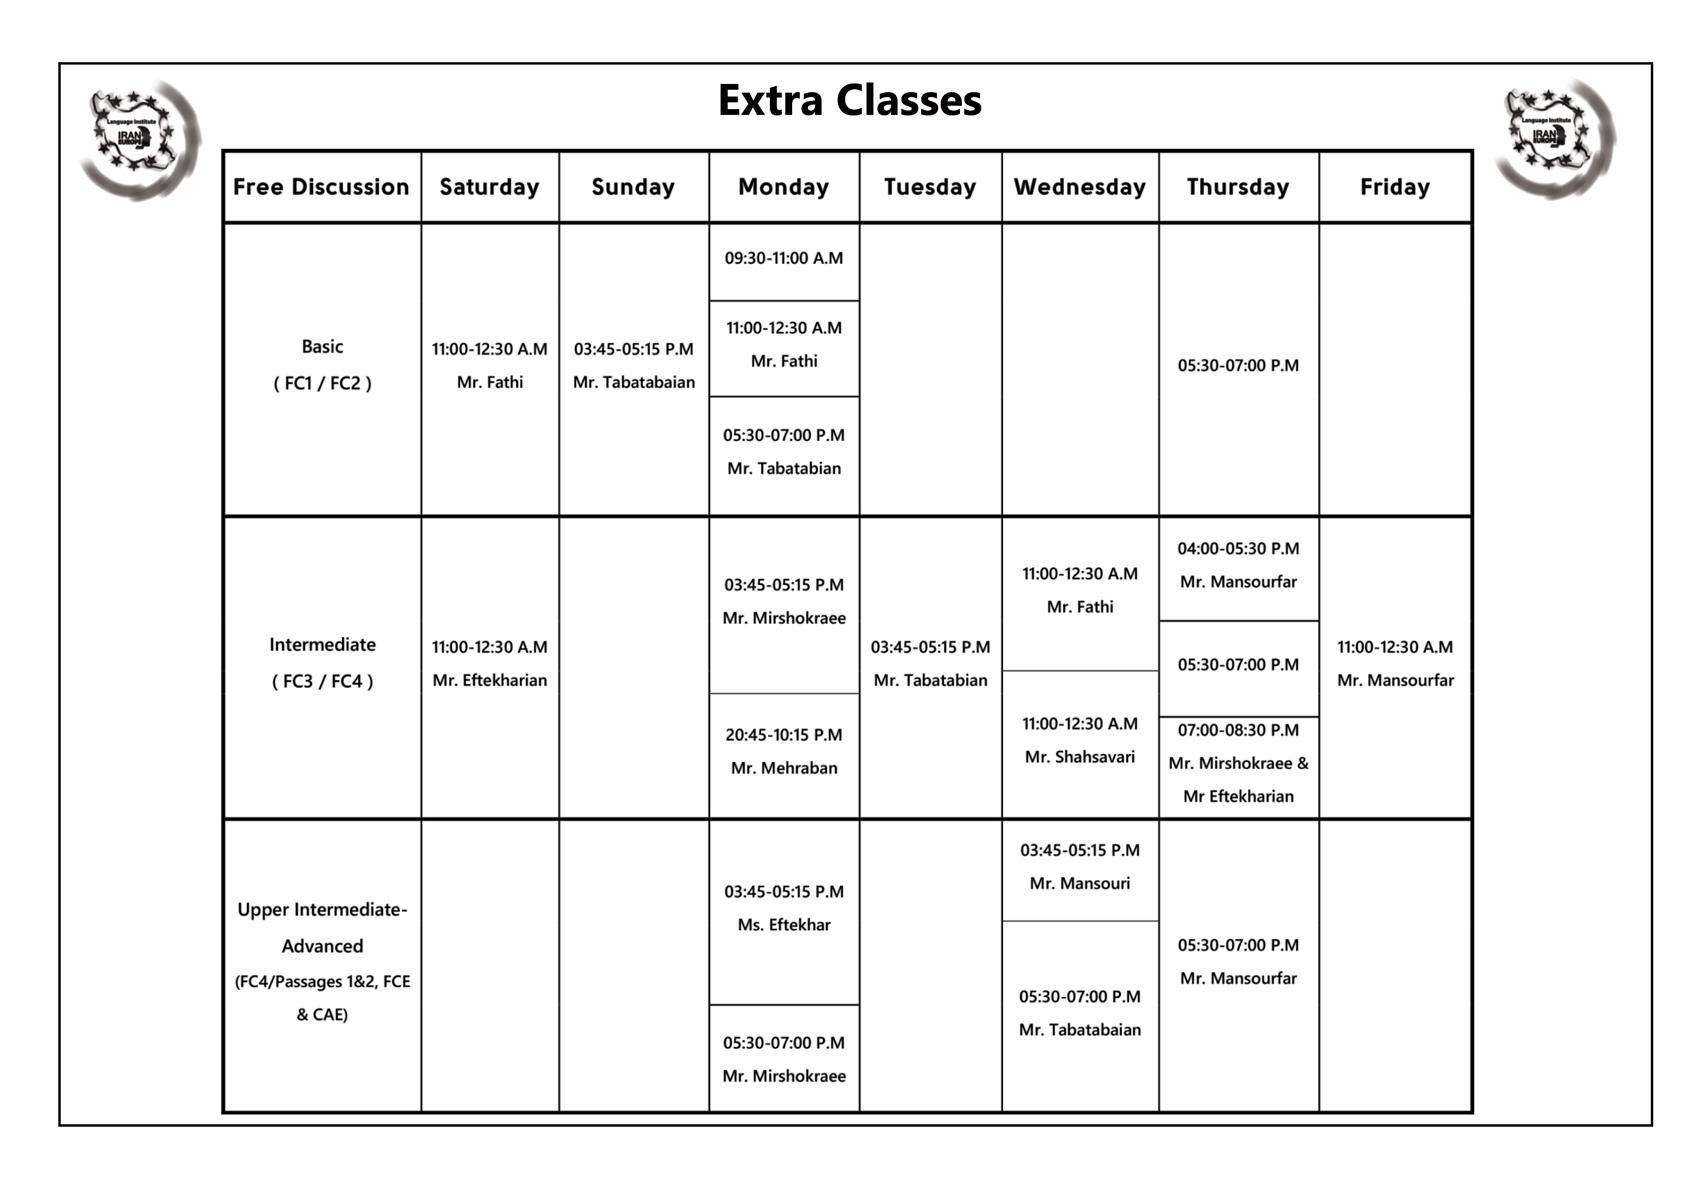 کلاس های بحث آزاد و فیلم شعبه مرکزی